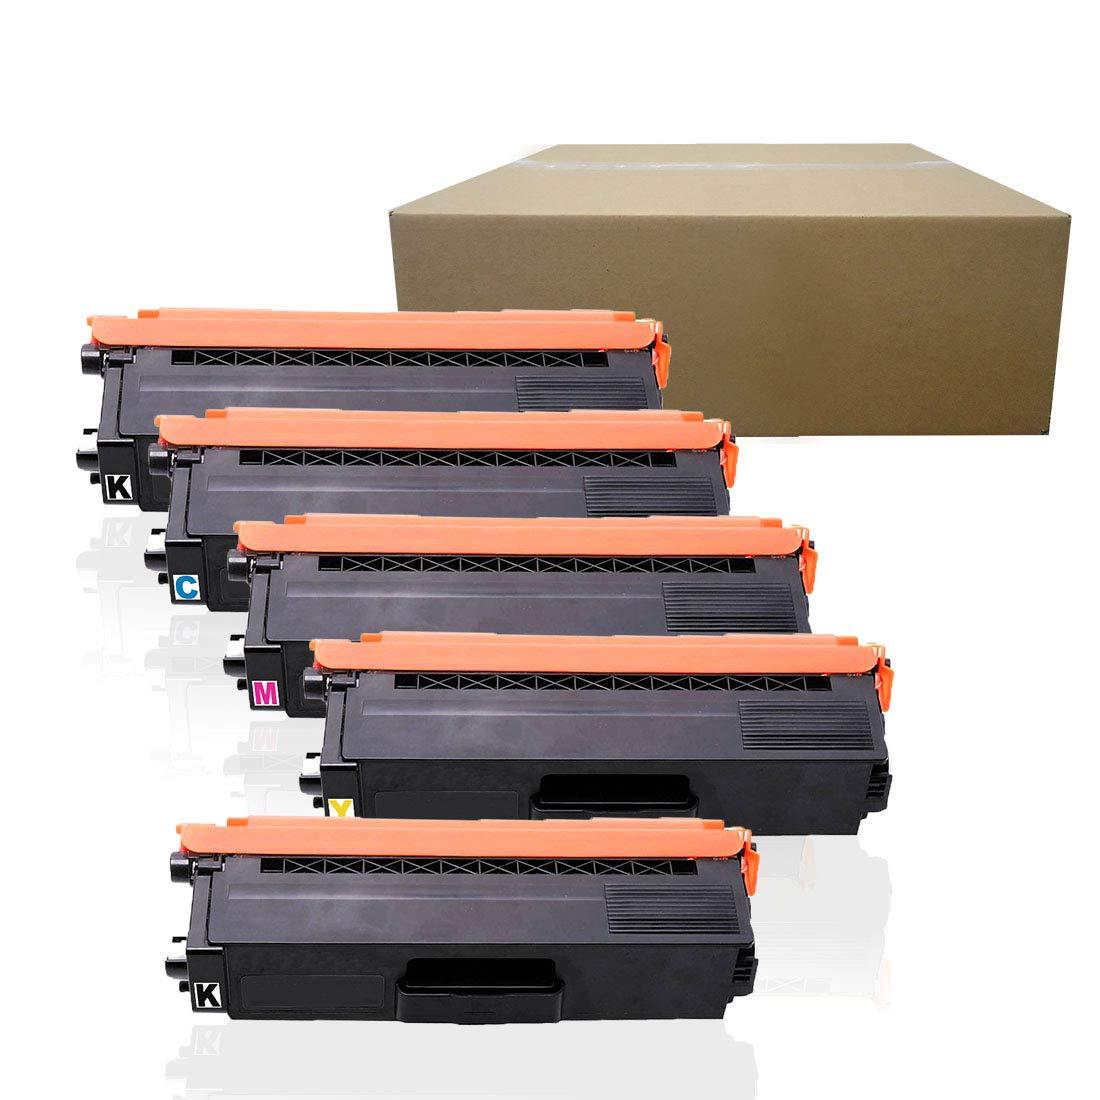 5 PACK Compatible Toner for Brother TN315 TN-315 TN315BK TN315C TN315M TN315Y